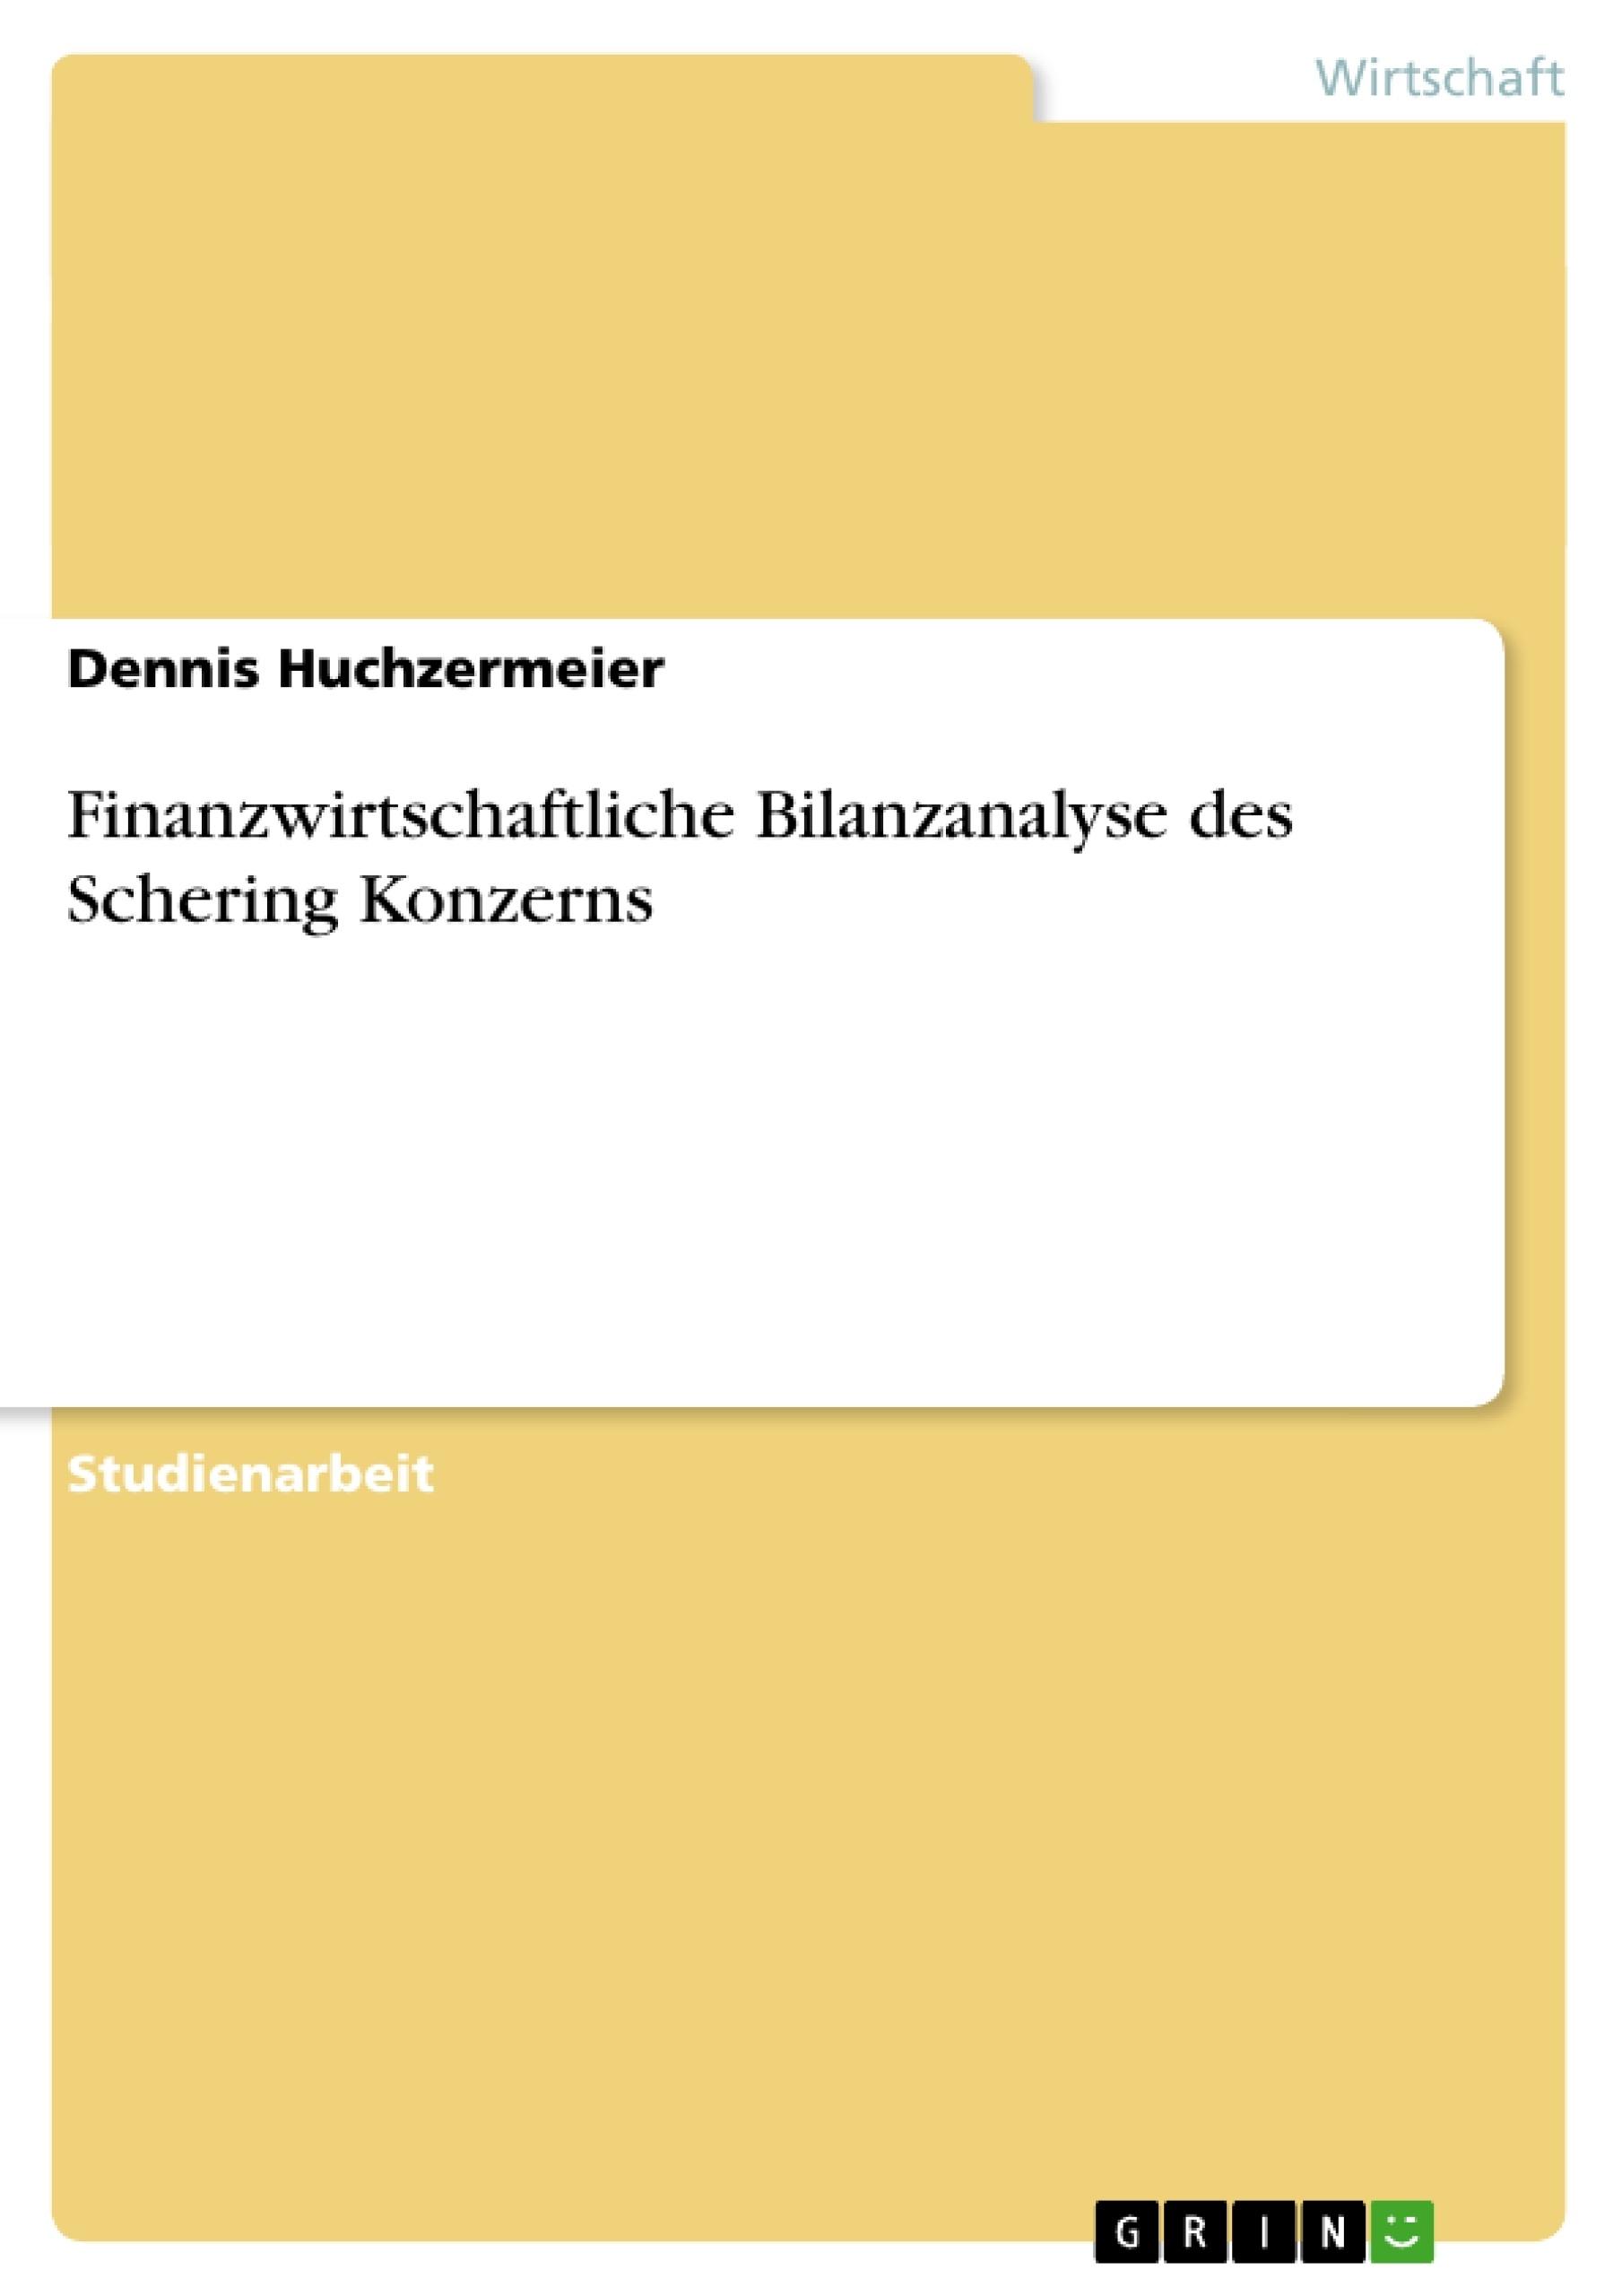 Titel: Finanzwirtschaftliche Bilanzanalyse des Schering Konzerns